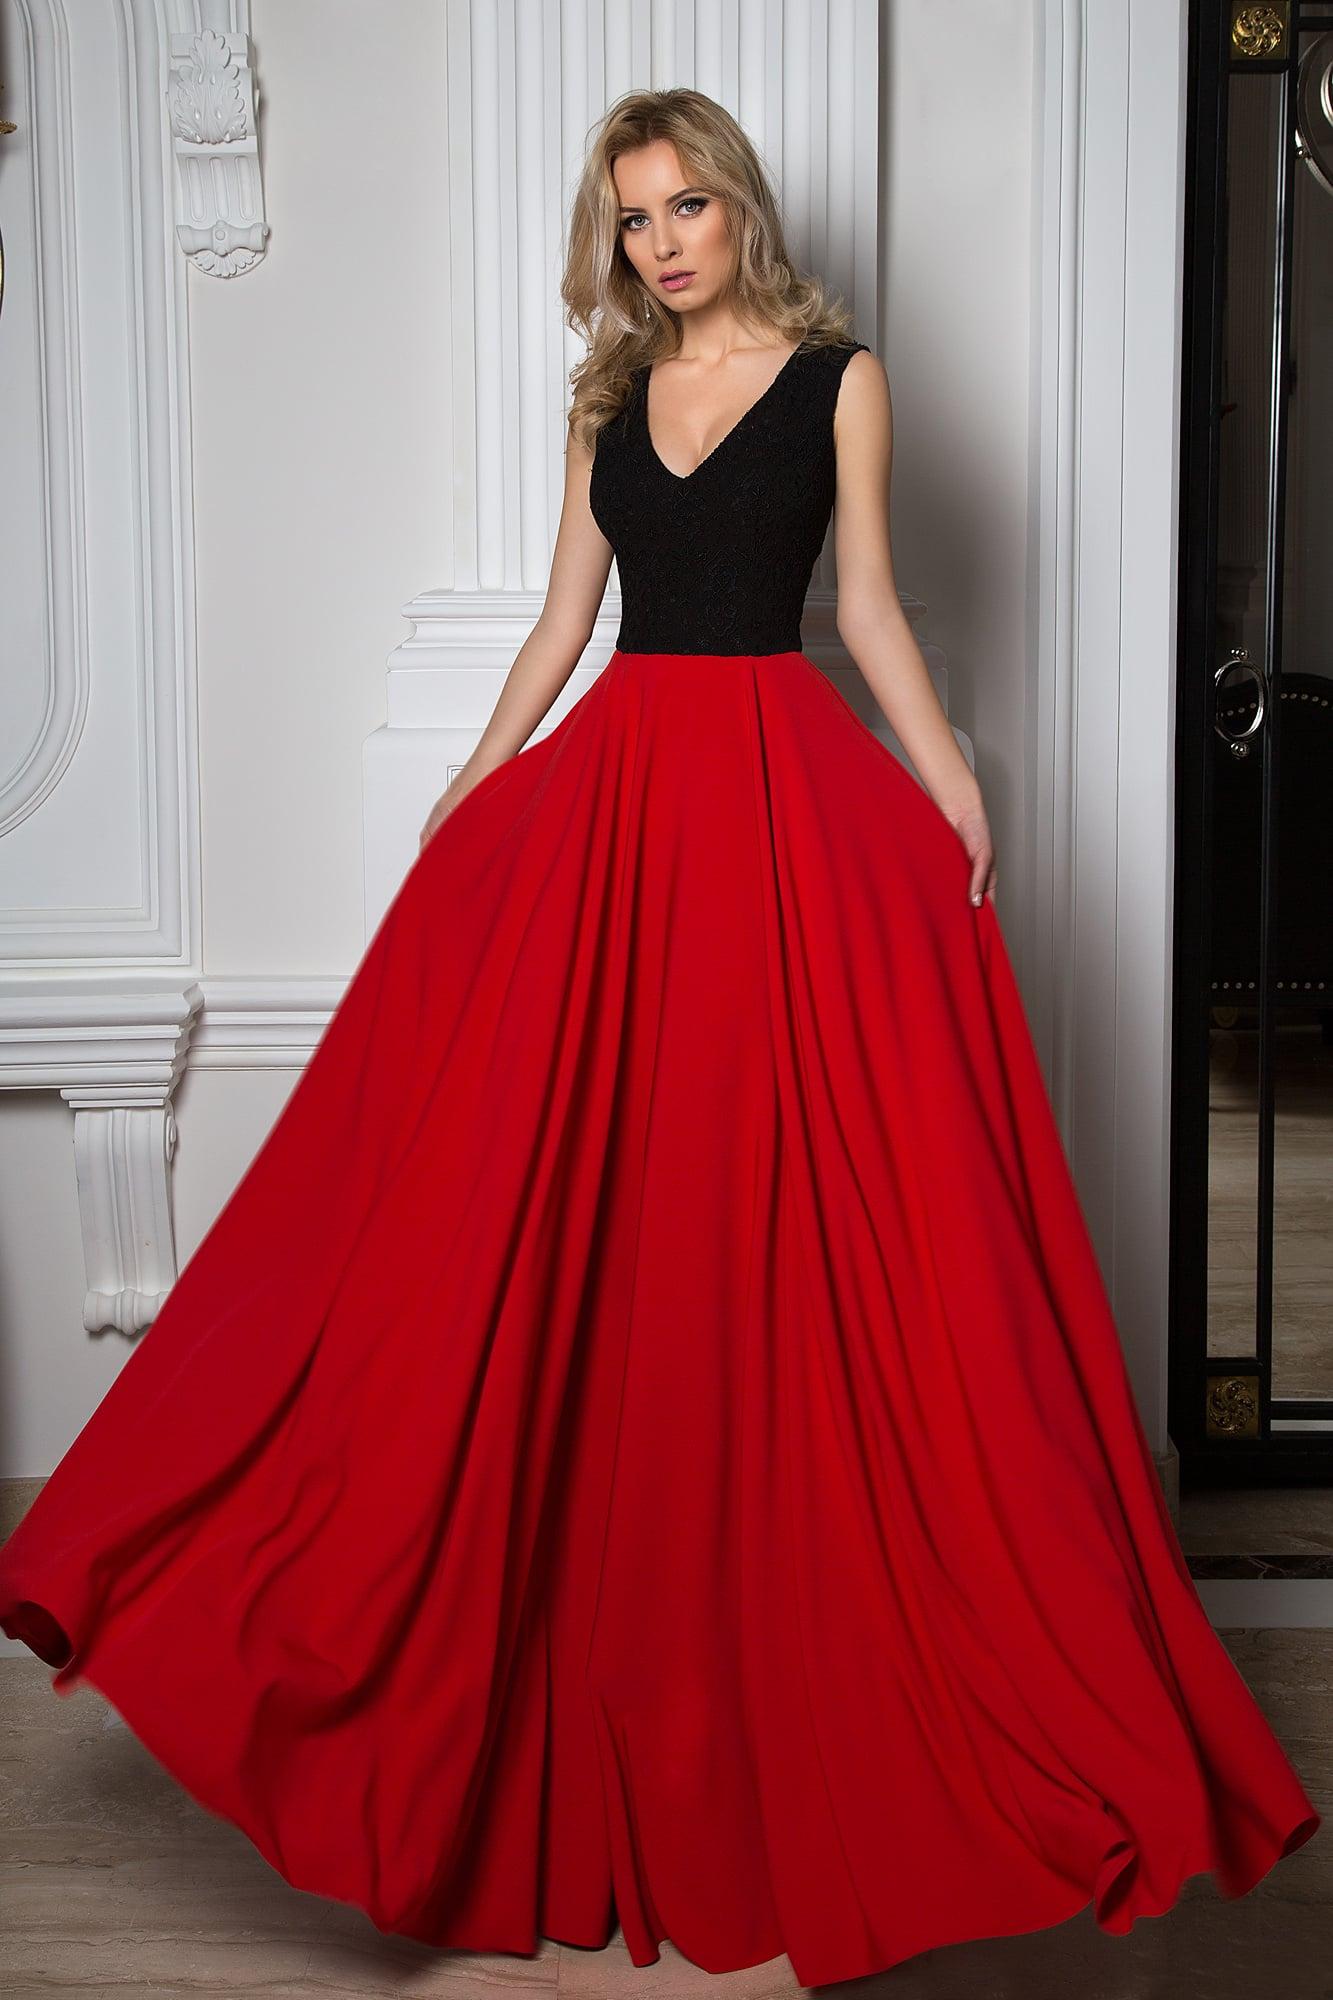 d2e97dac0df88a9 Изысканное вечернее платье с черным фактурным корсетом и яркой алой юбкой.